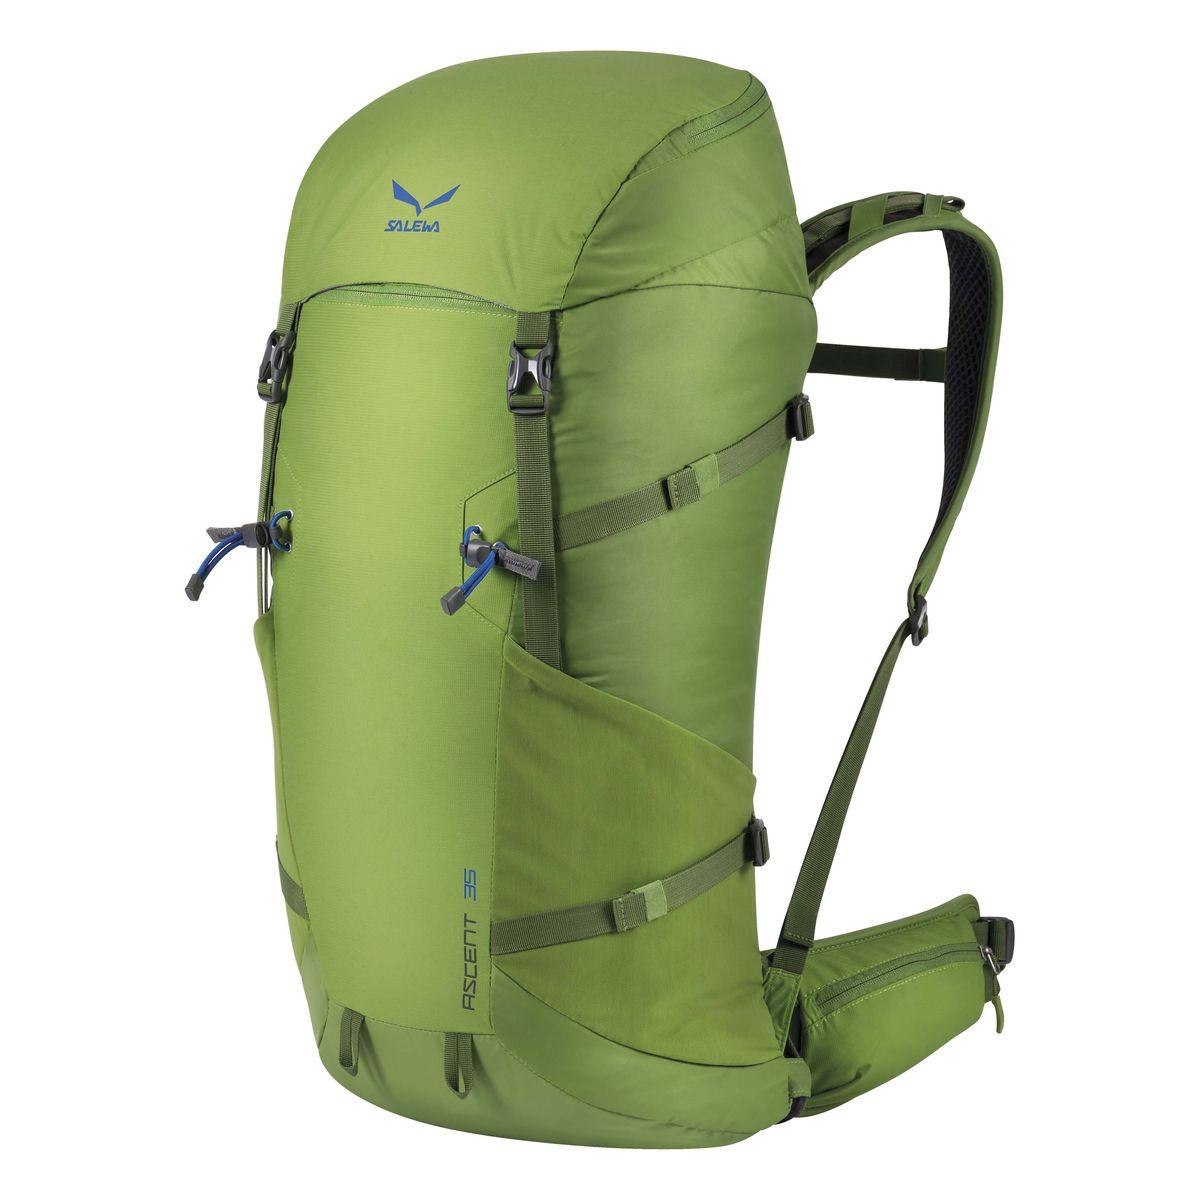 Рюкзак туристический Salewa Ascent 35, цвет: светло-зеленый, 35 л1138_5450Новая современная модель рюкзака Salewa Ascent 35, которая прекрасно подойдет как для однодневных так и для более длительных путешествий.Особенности:- петли для крепления ледоруба / лыжных палок- внутреннее отделение для хранения ценных вещей- боковые карманы- карман в набедренном поясе- петли для навески дополнительного снаряжения на набедренном поясе- подвесная система motionfit